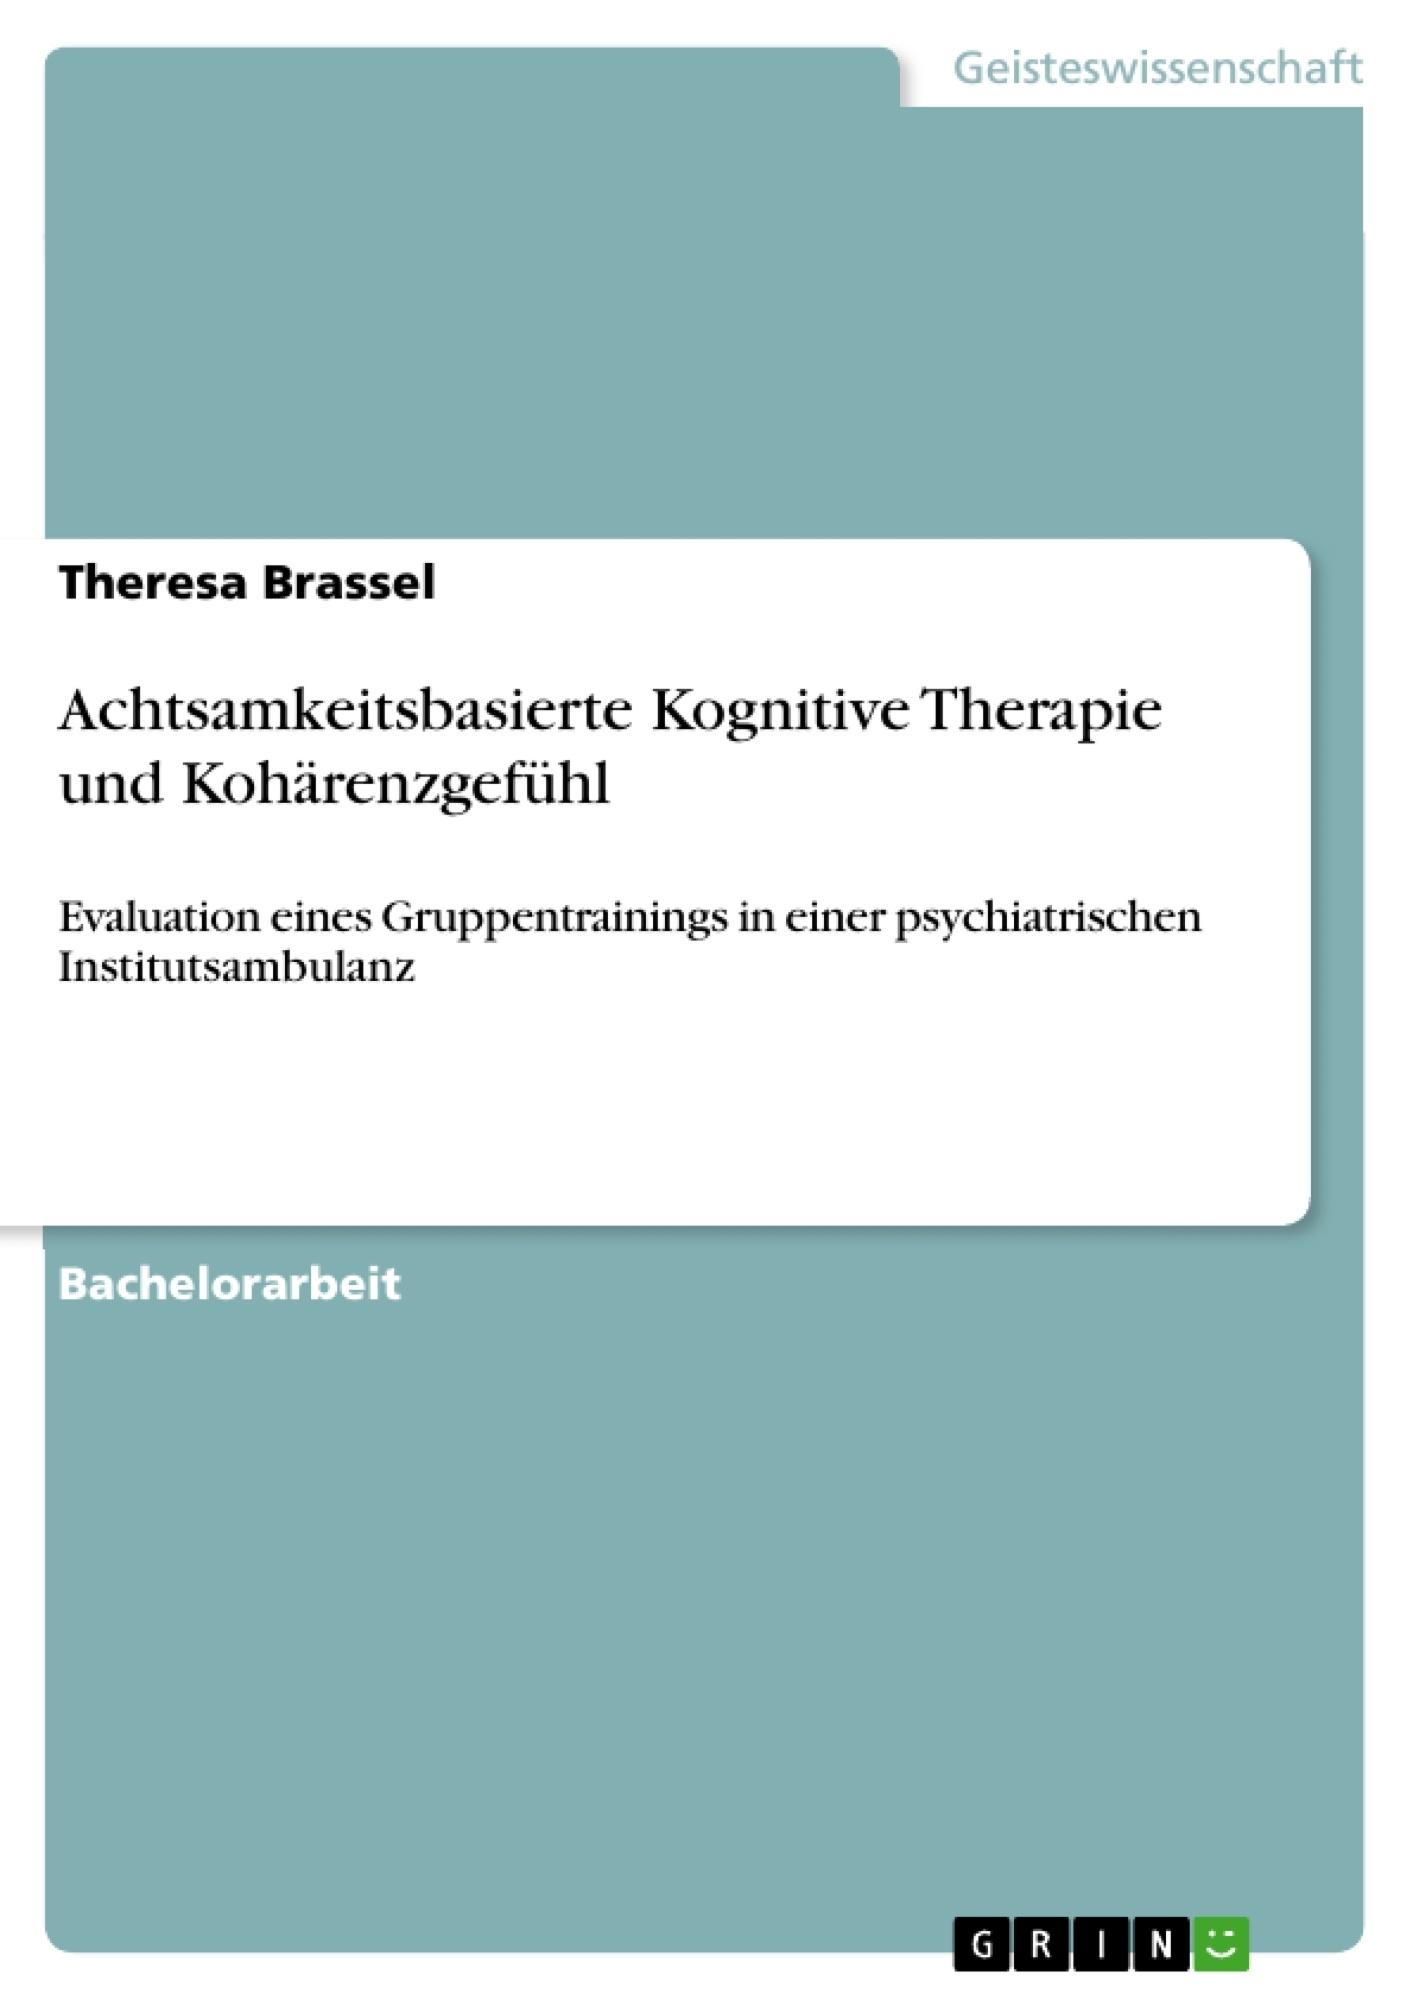 Titel: Achtsamkeitsbasierte Kognitive Therapie und Kohärenzgefühl